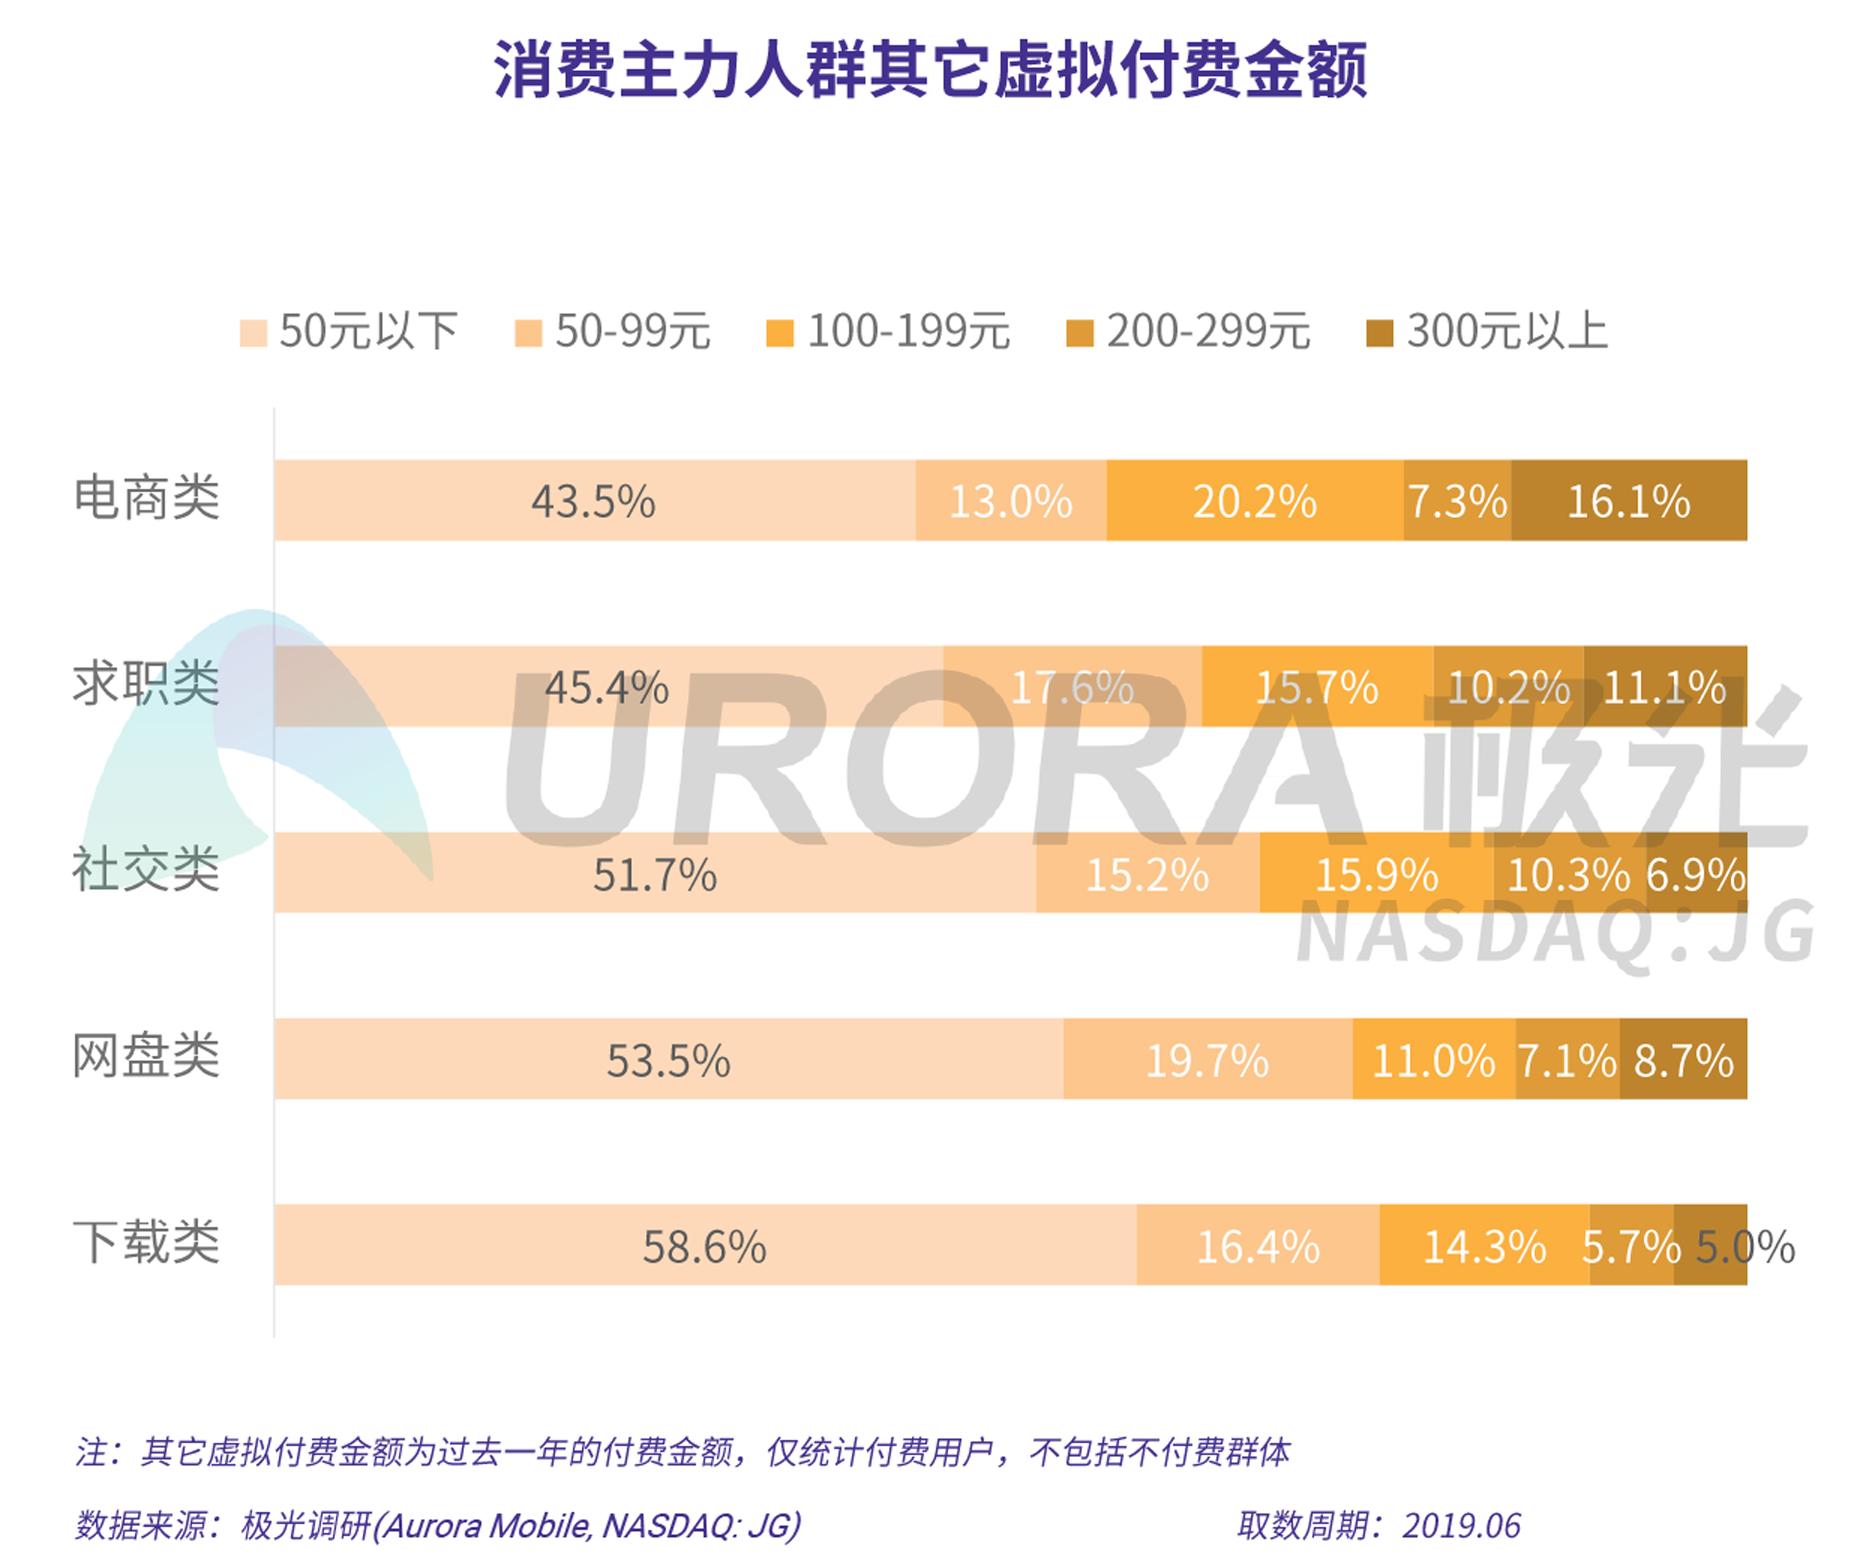 2019年消费主力人群虚拟产品付费研究报告-V5-22.png